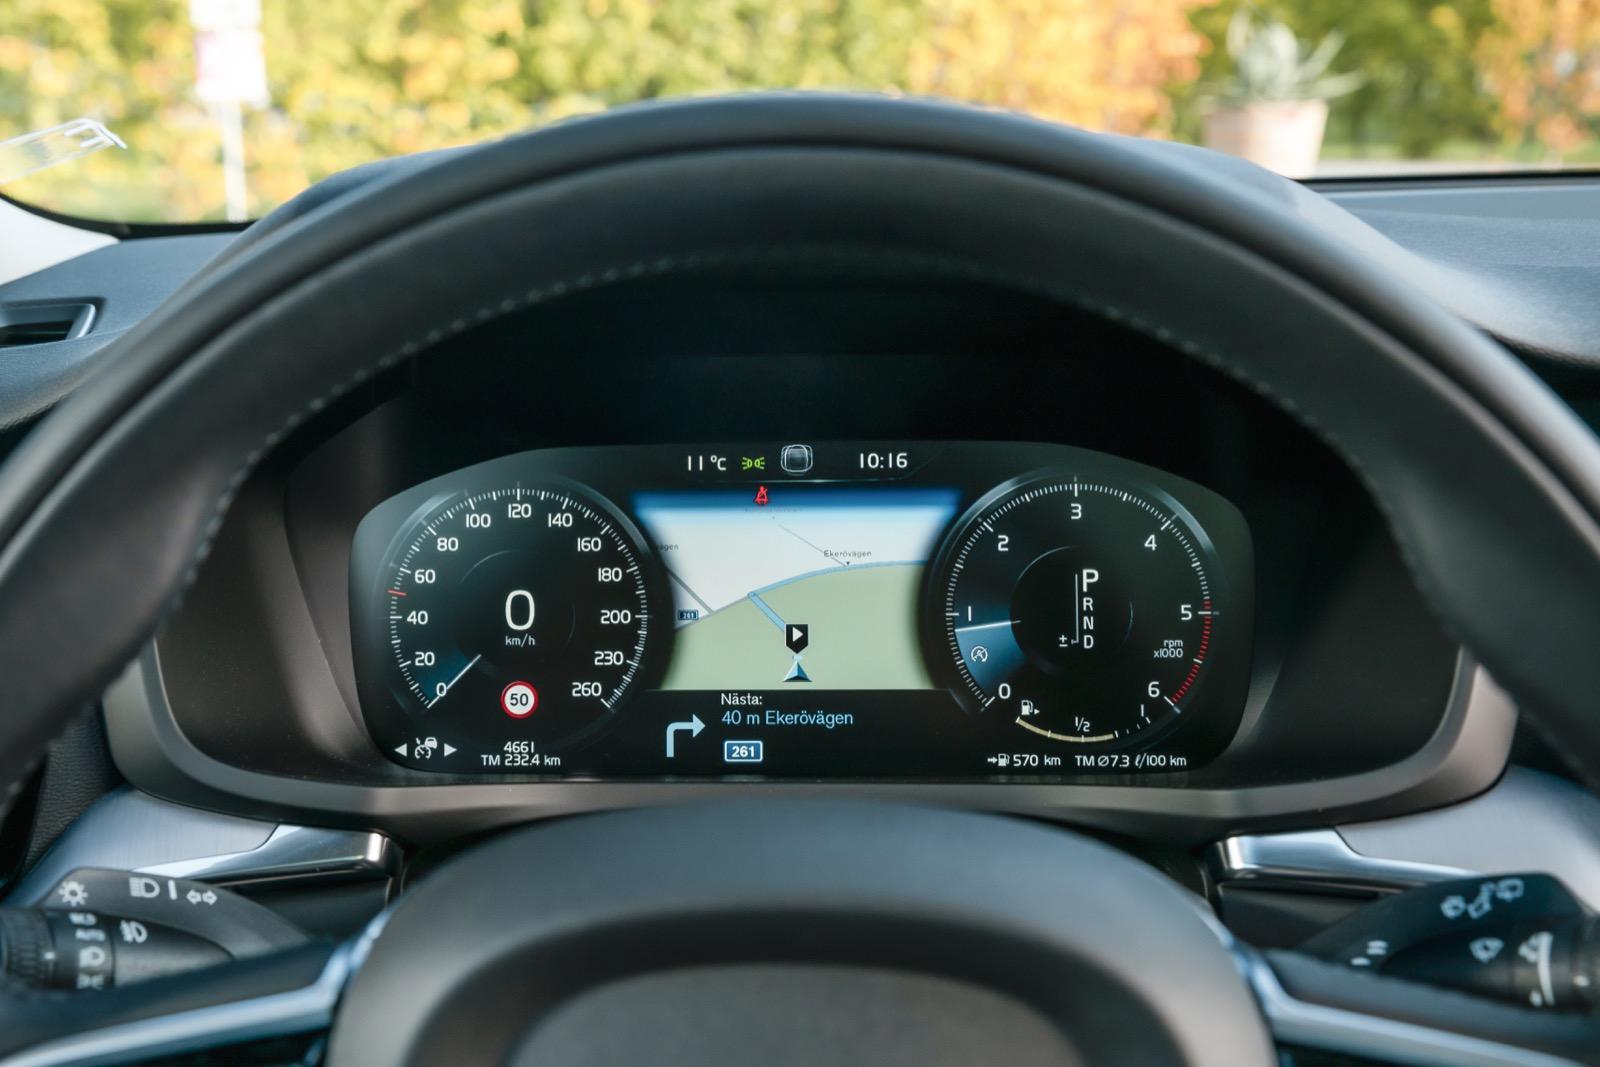 Volvos digitala 12,3-tums instrumentering efterliknar vanliga mätare med få inställningsmöjligheter.